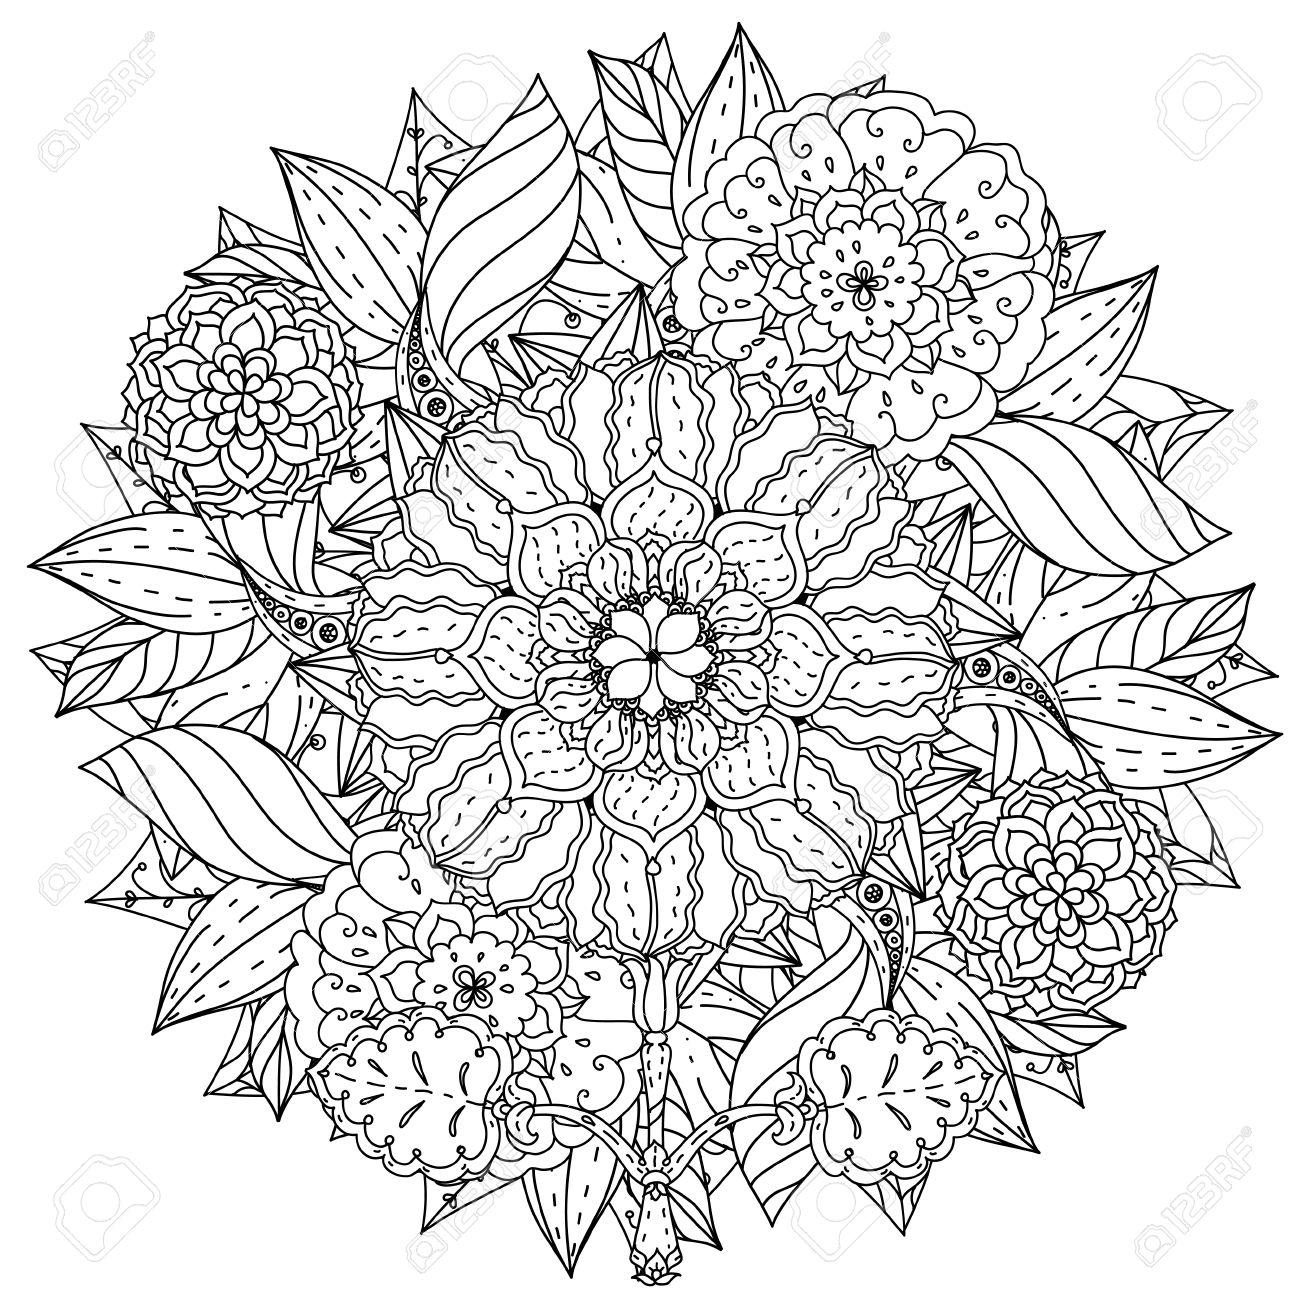 Fleurs De Forme De Mandala Profilees Pour Adulte Livre De Coloriage Dans Le Zen Style Art Therapie Anti Dessin Stress Hand Drawn Retro Griffonnage Vecteur Style Mandala Pour Le Livre De Coloriage Ou De